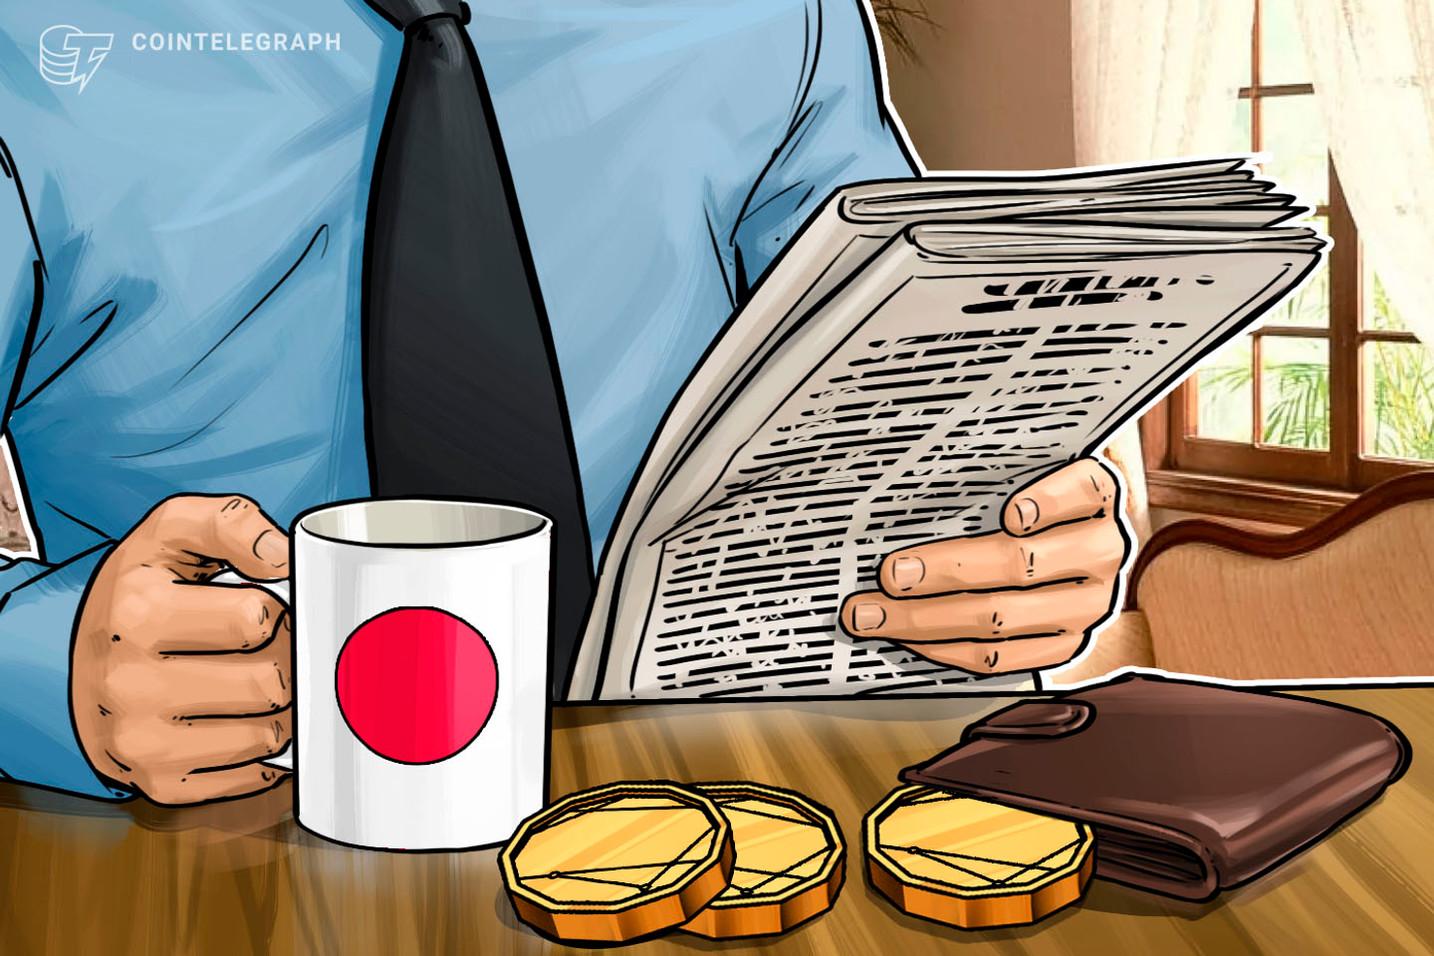 オーケーコイン・ジャパン、仮想通貨OKBの取扱い開始   ビットフライヤーはポルカドットのサポート開始